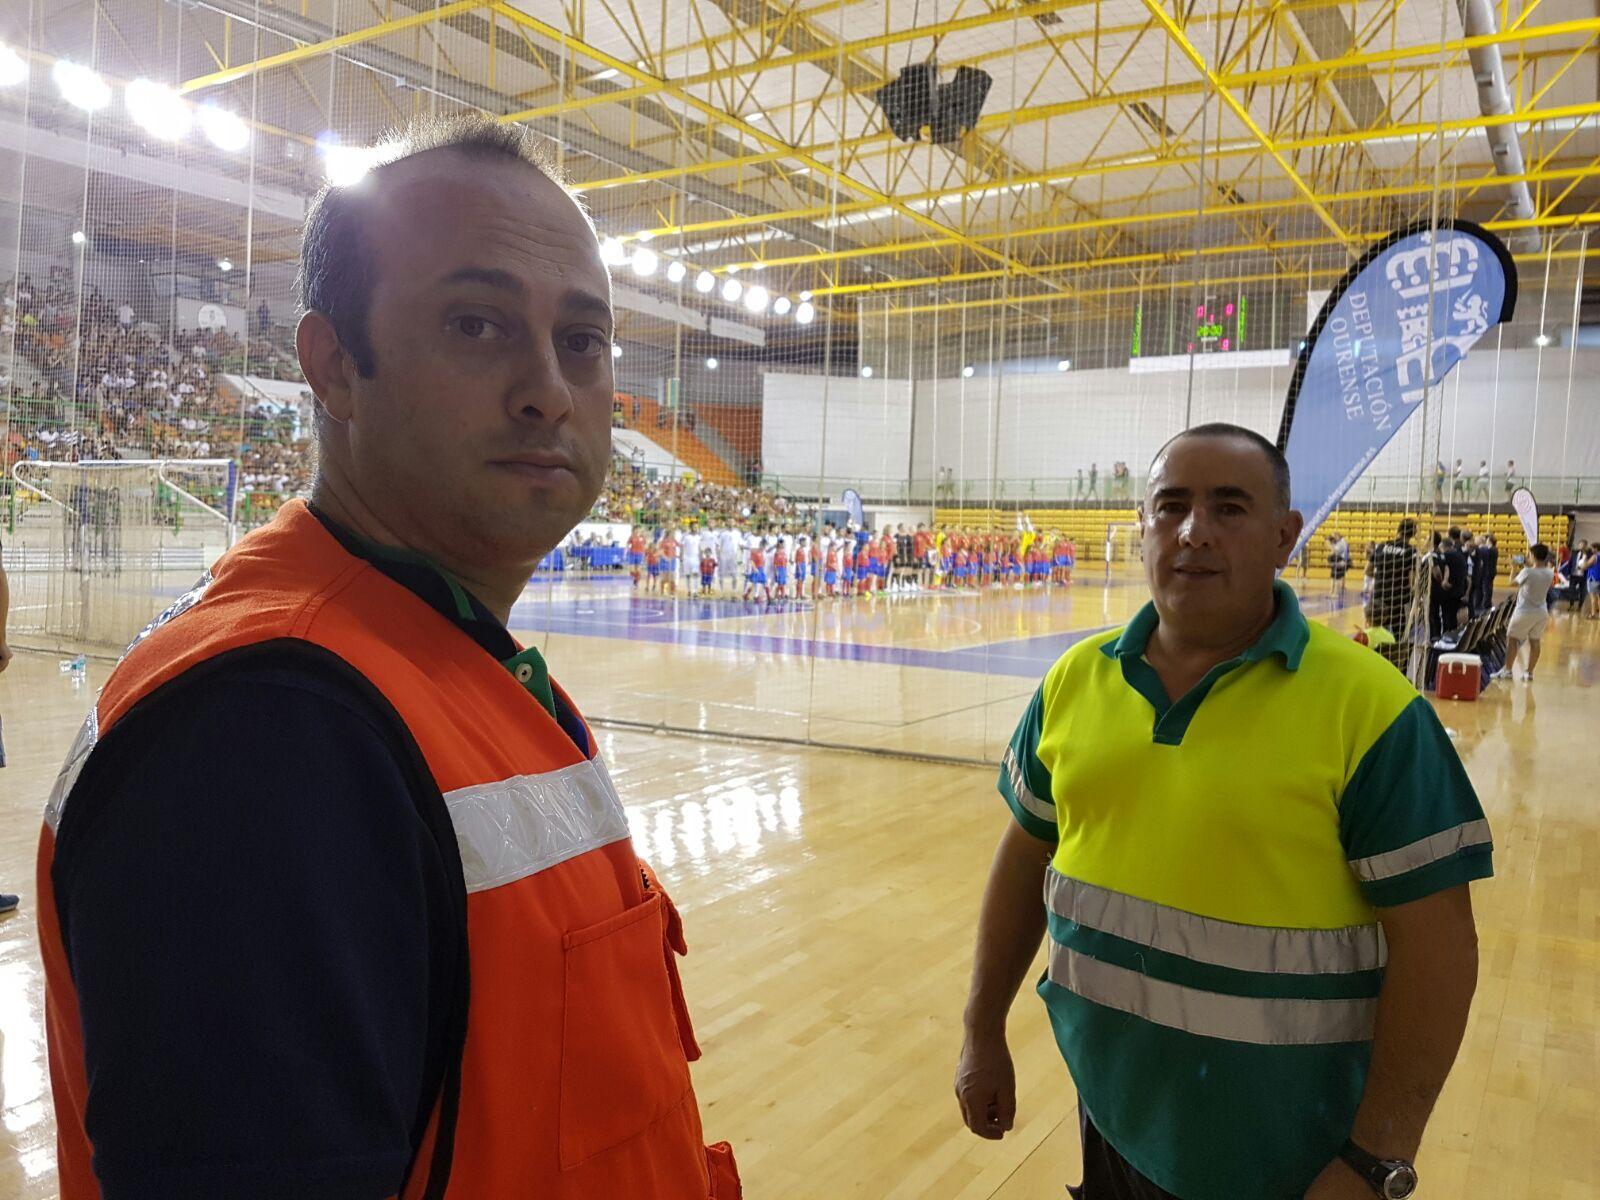 Evento deportivo Selección Española de Futbol Sala